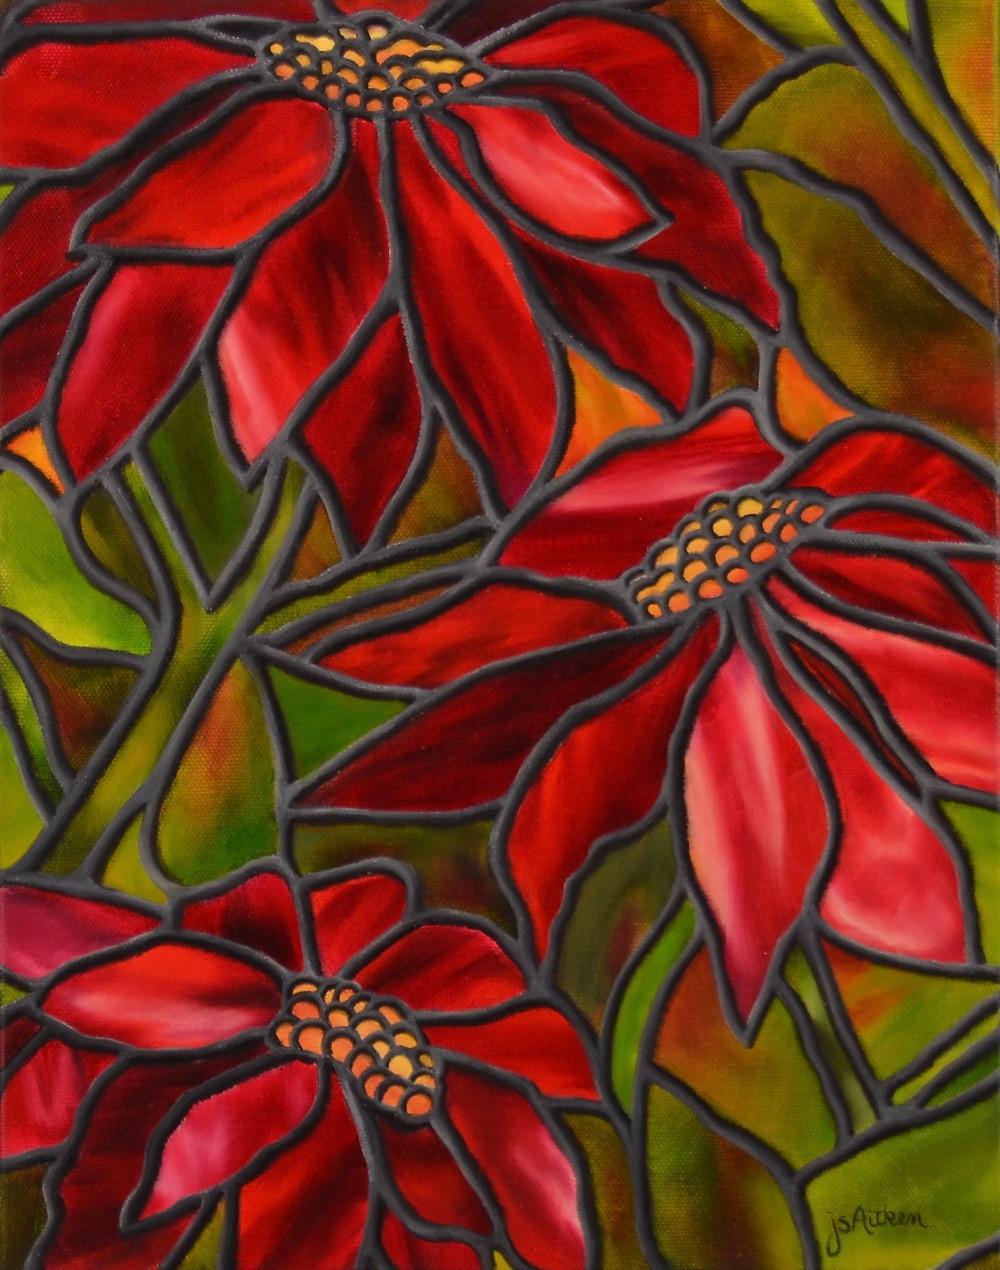 Poinsettias oil painting by JS Aitken